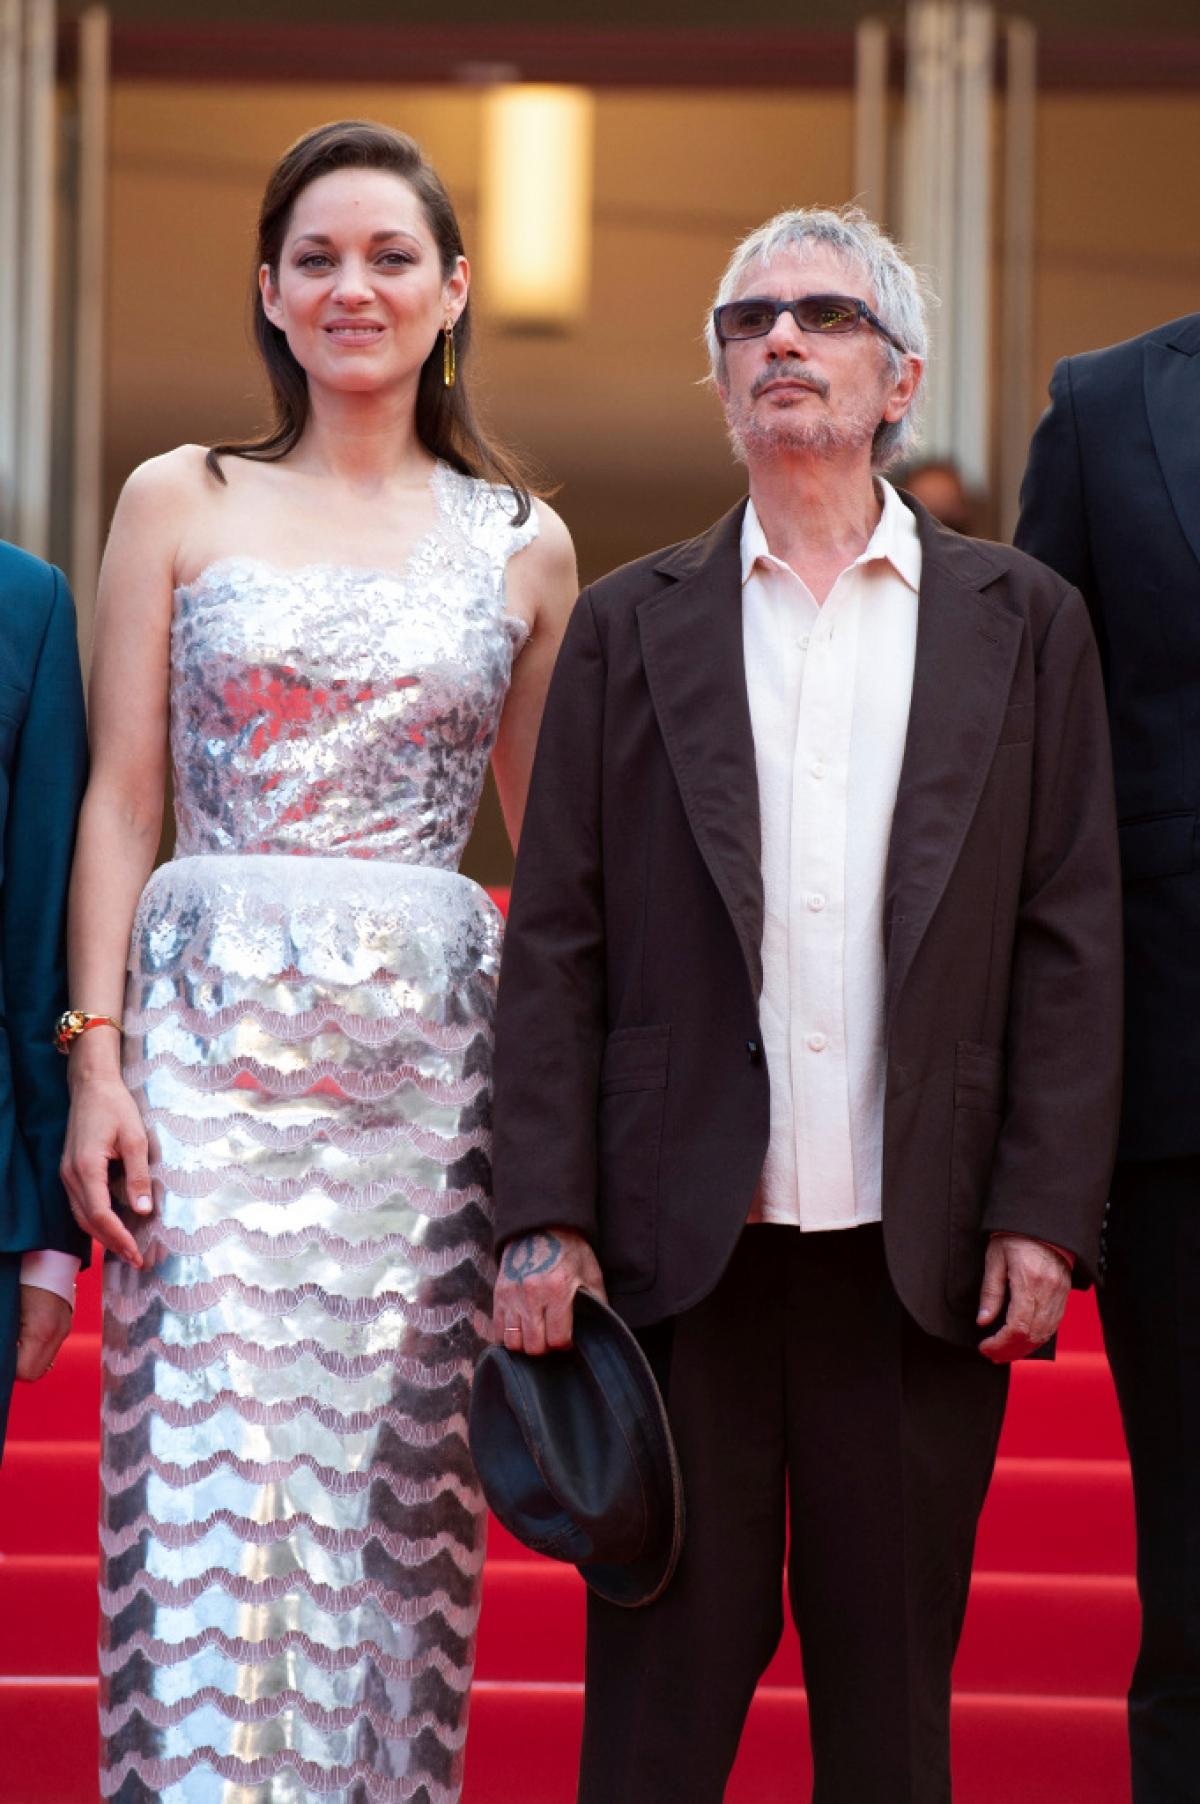 """Là đại sứ lâu năm của Chanel, Marion Cotillard luôn lựa chọn trang phục của nhà mốt Pháp trong các sự kiện. Vào đêm mở màn cho bộ phim """"Annette"""" của mình, nữ diễn viên từng đoạt giải Oscar nổi bật trong thiết kế đầm màu bạc ánh kim từ bộ sưu tập thời trang cao cấp mùa thu 2020 của Chanel. Chiếc váy ghi điểm với chi tiết vai bất đối xứng và chân váy xếp tầng."""